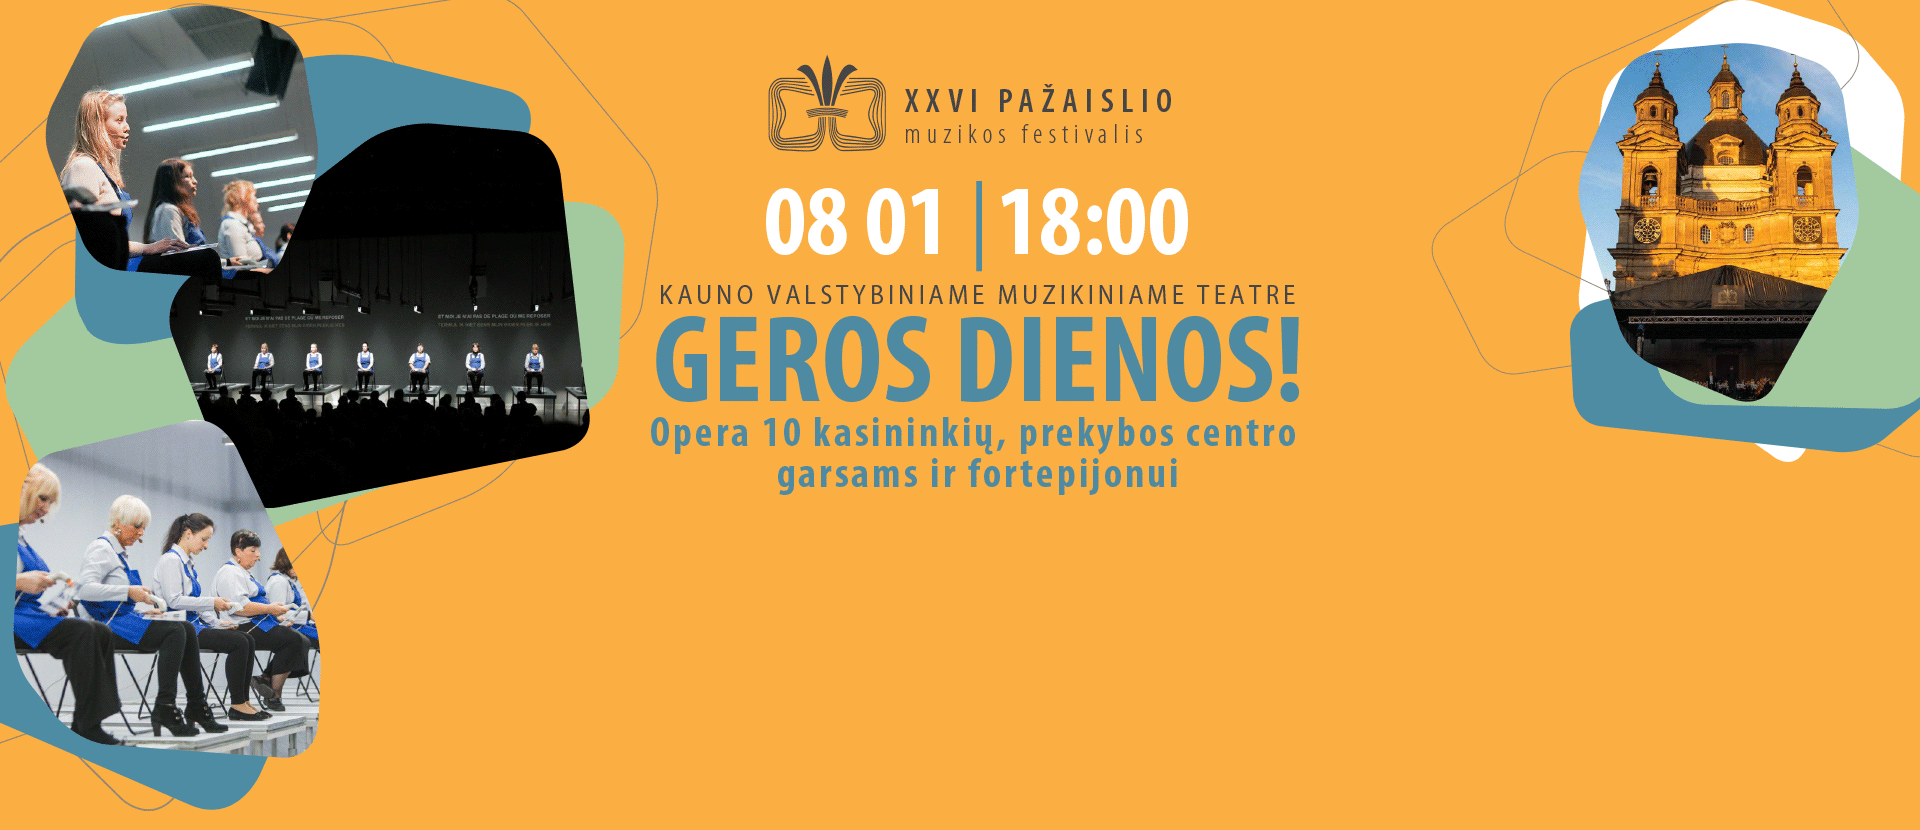 XXVI Pažaislio muzikos festivalis GEROS DIENOS!